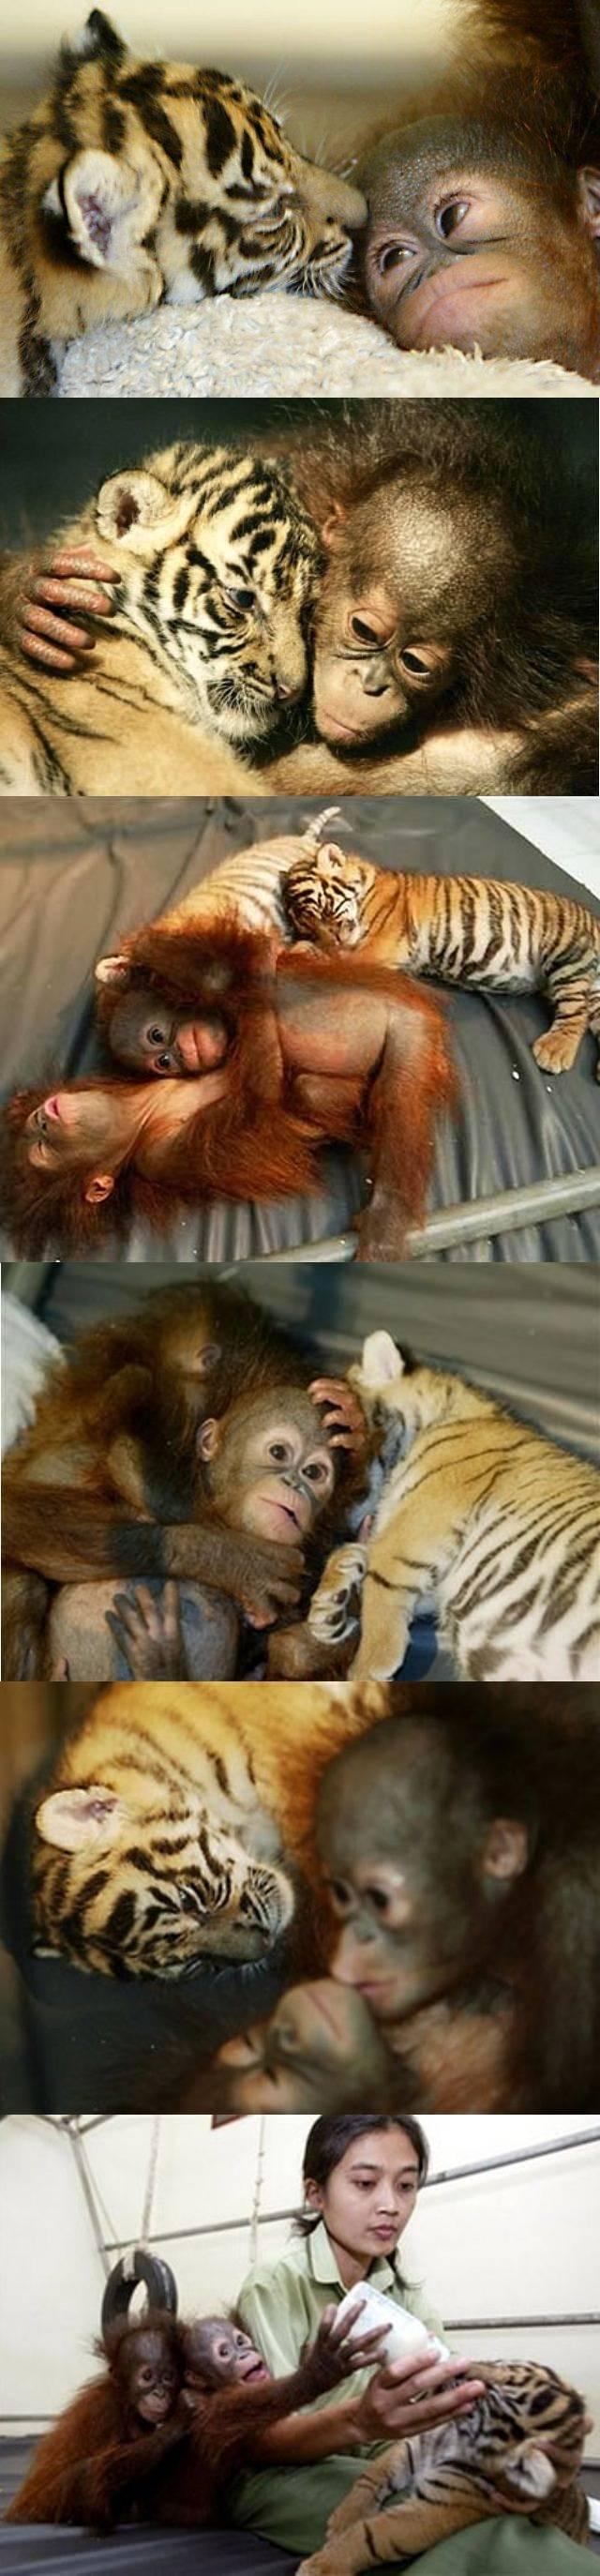 tiger-cubs-orangutan-friends